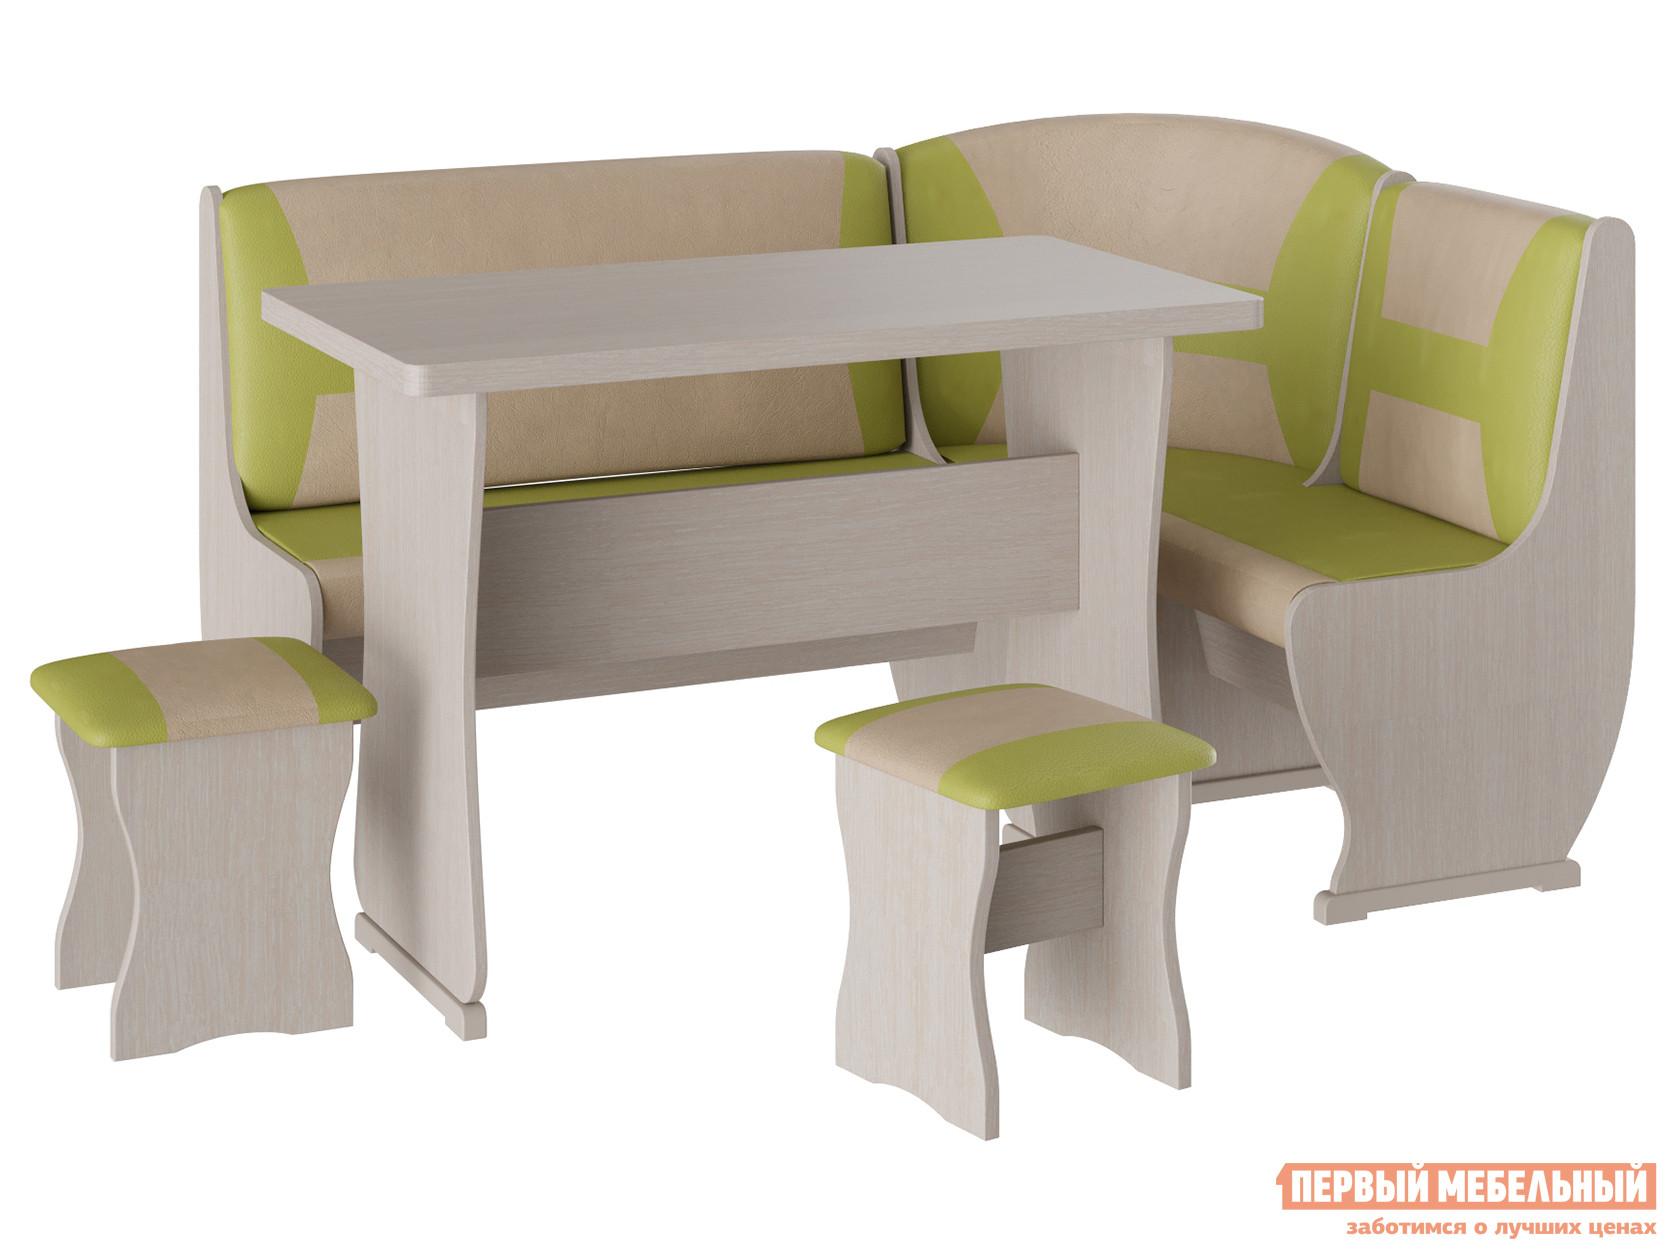 Фото - Кухонный уголок Первый Мебельный Кухонный уголок Альянс 3 кухонный уголок триумф